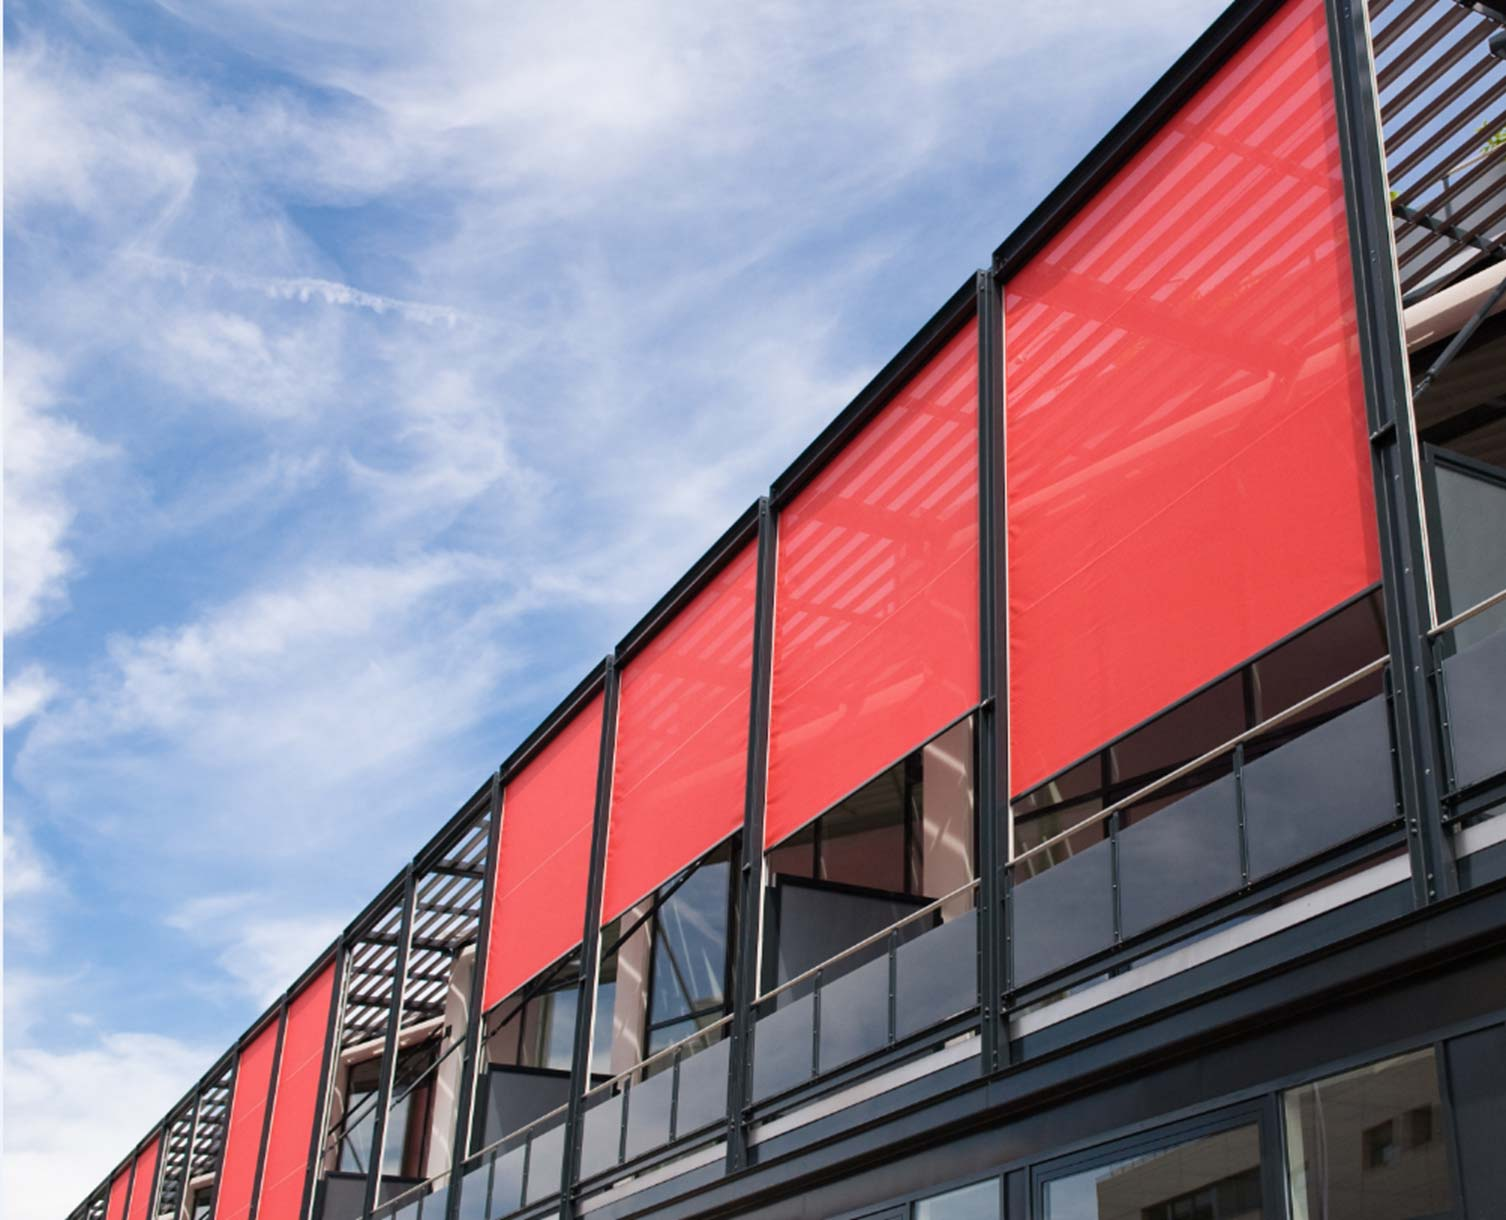 Wetterschutz für den Balkon zum WerkspreisAllwetterschutz